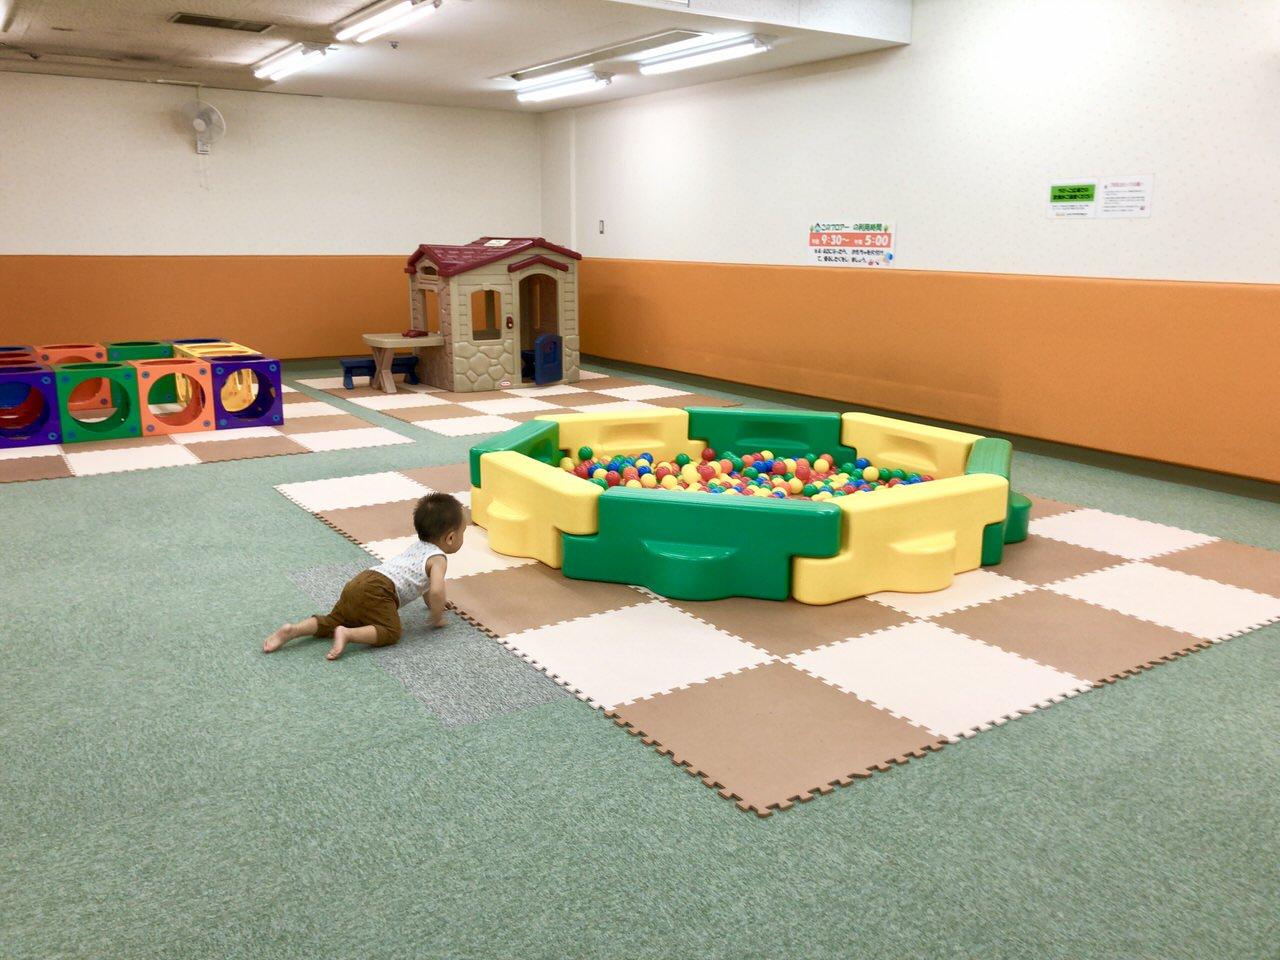 にぎわいプラザ子育て支援センター幼児遊びの広場